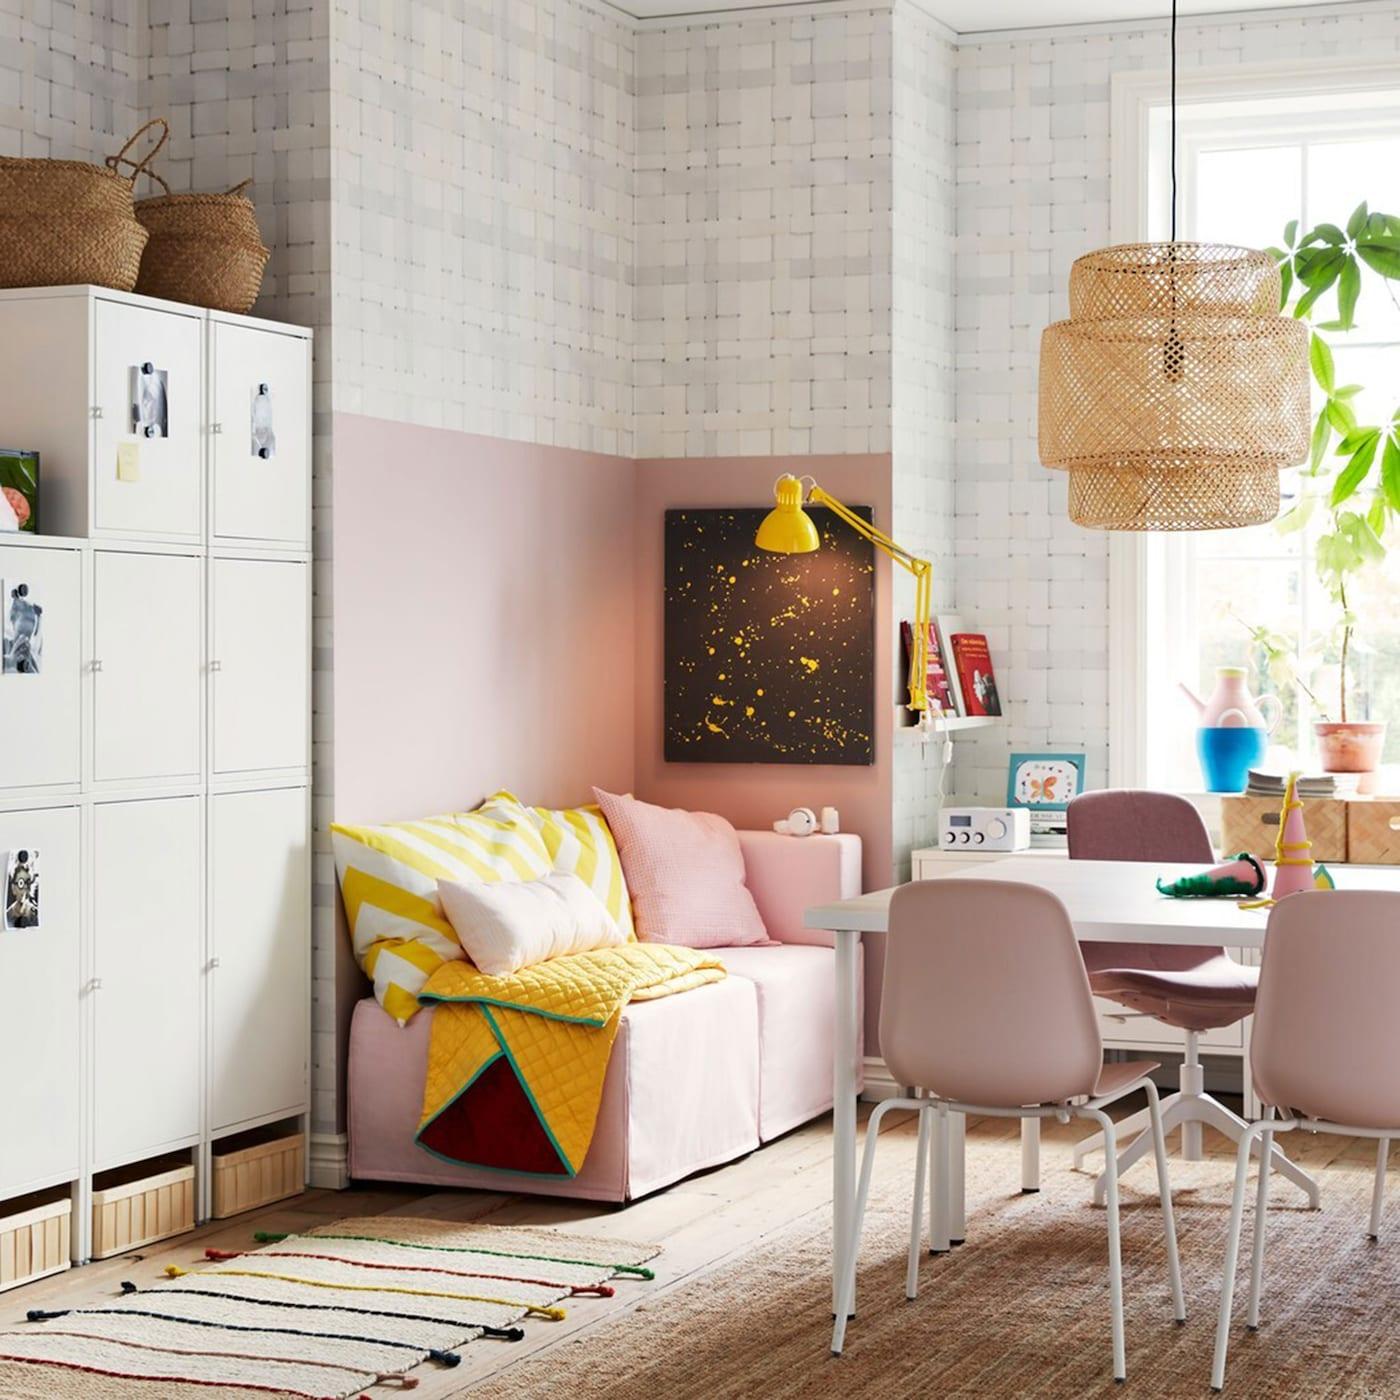 Diverse HÄLLAN Schränke in Weiss an einer Wand in einem kompakten Wohnraum in Rosa, Weiss und Gelb